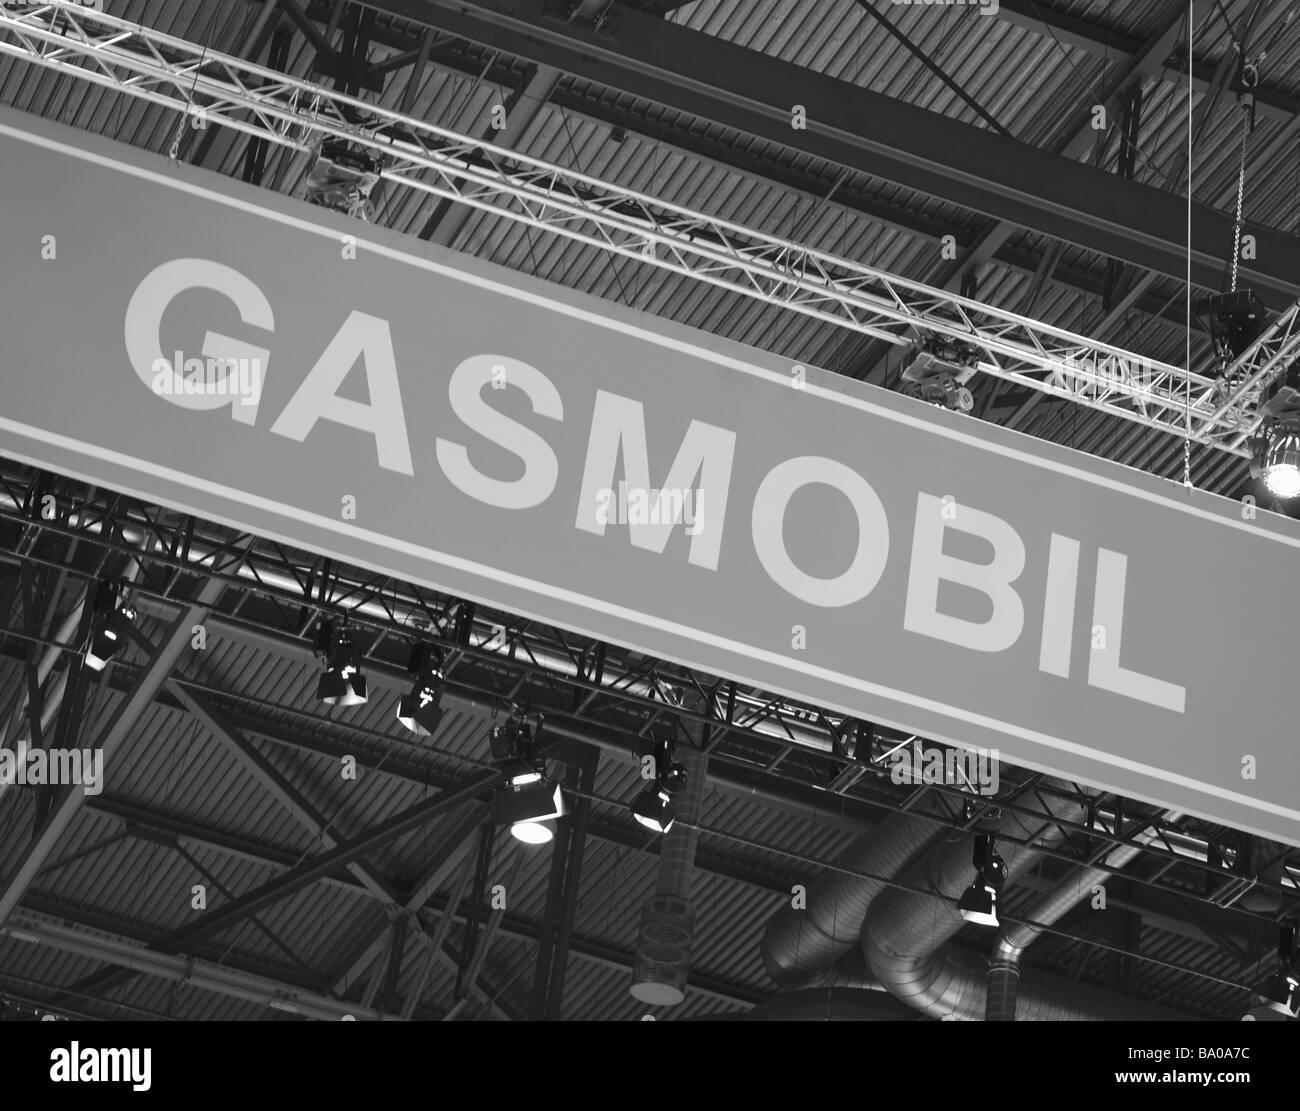 La publicité, l'affichage à zéro émission véhicule hybride alternative fuel Photo Stock